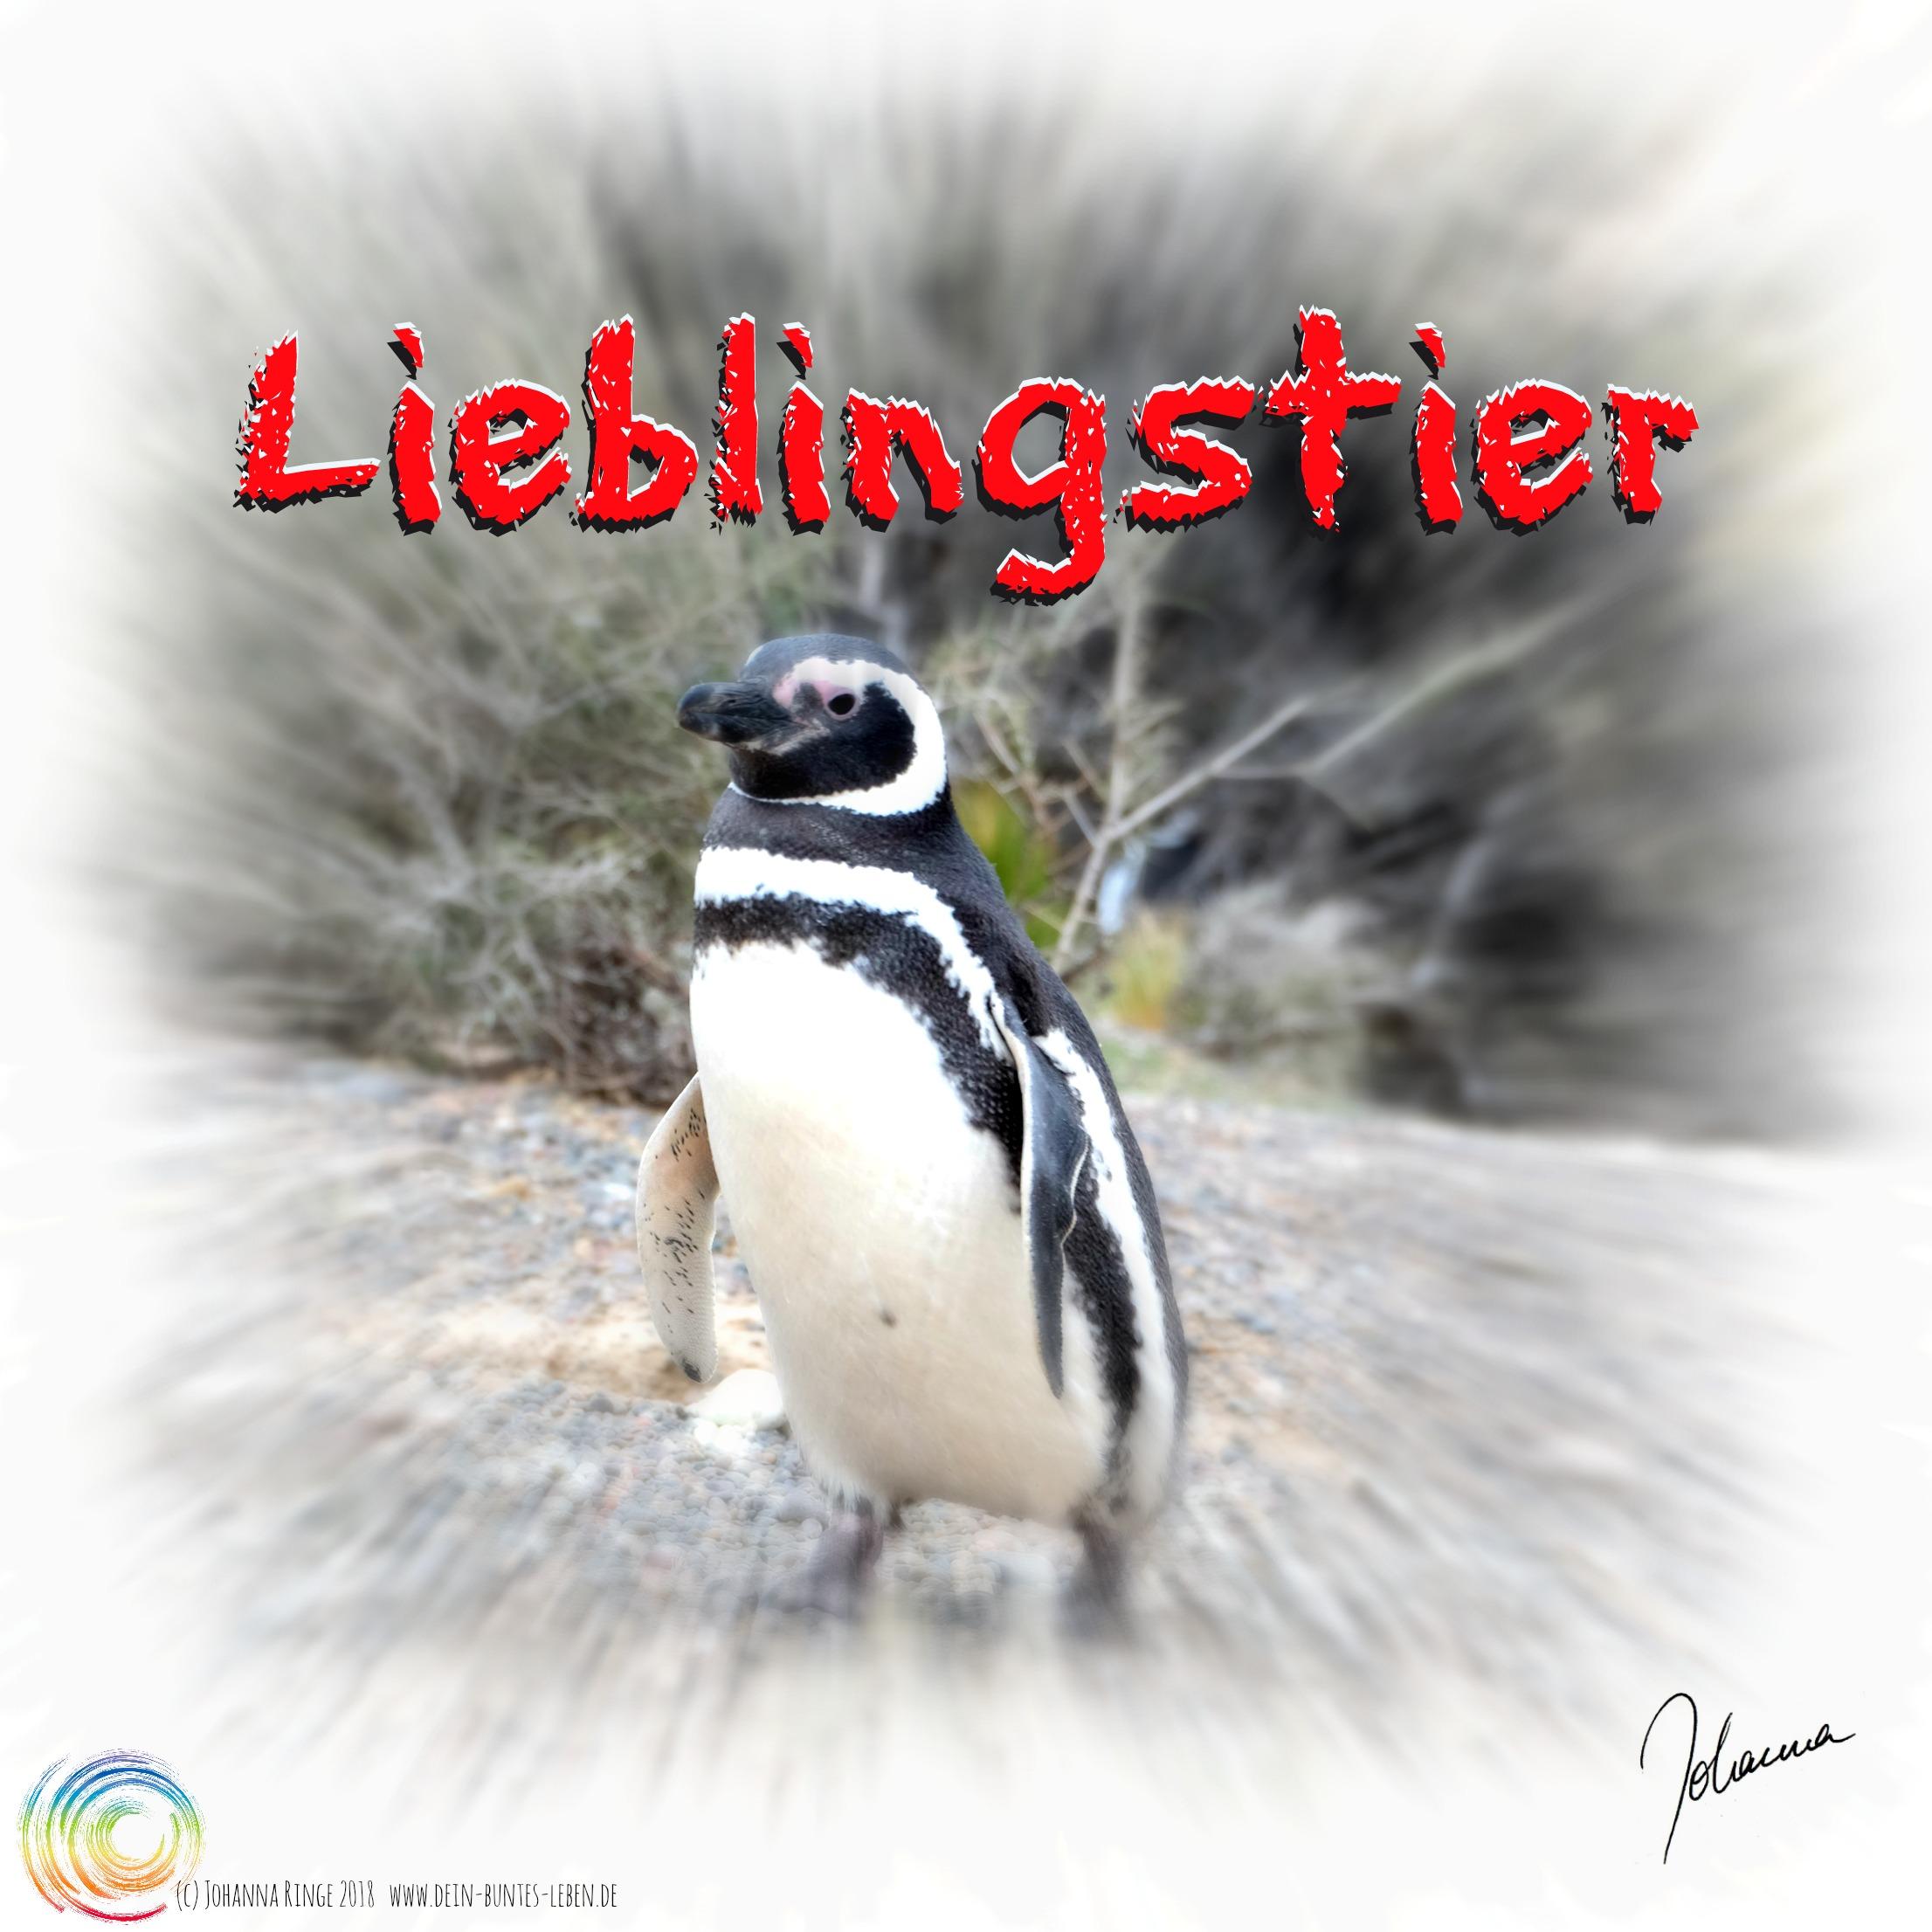 Text Lieblingstier auf einem Photo eines Pinguins (c)Johanna Ringe 2018 www.dein-buntes-leben.de